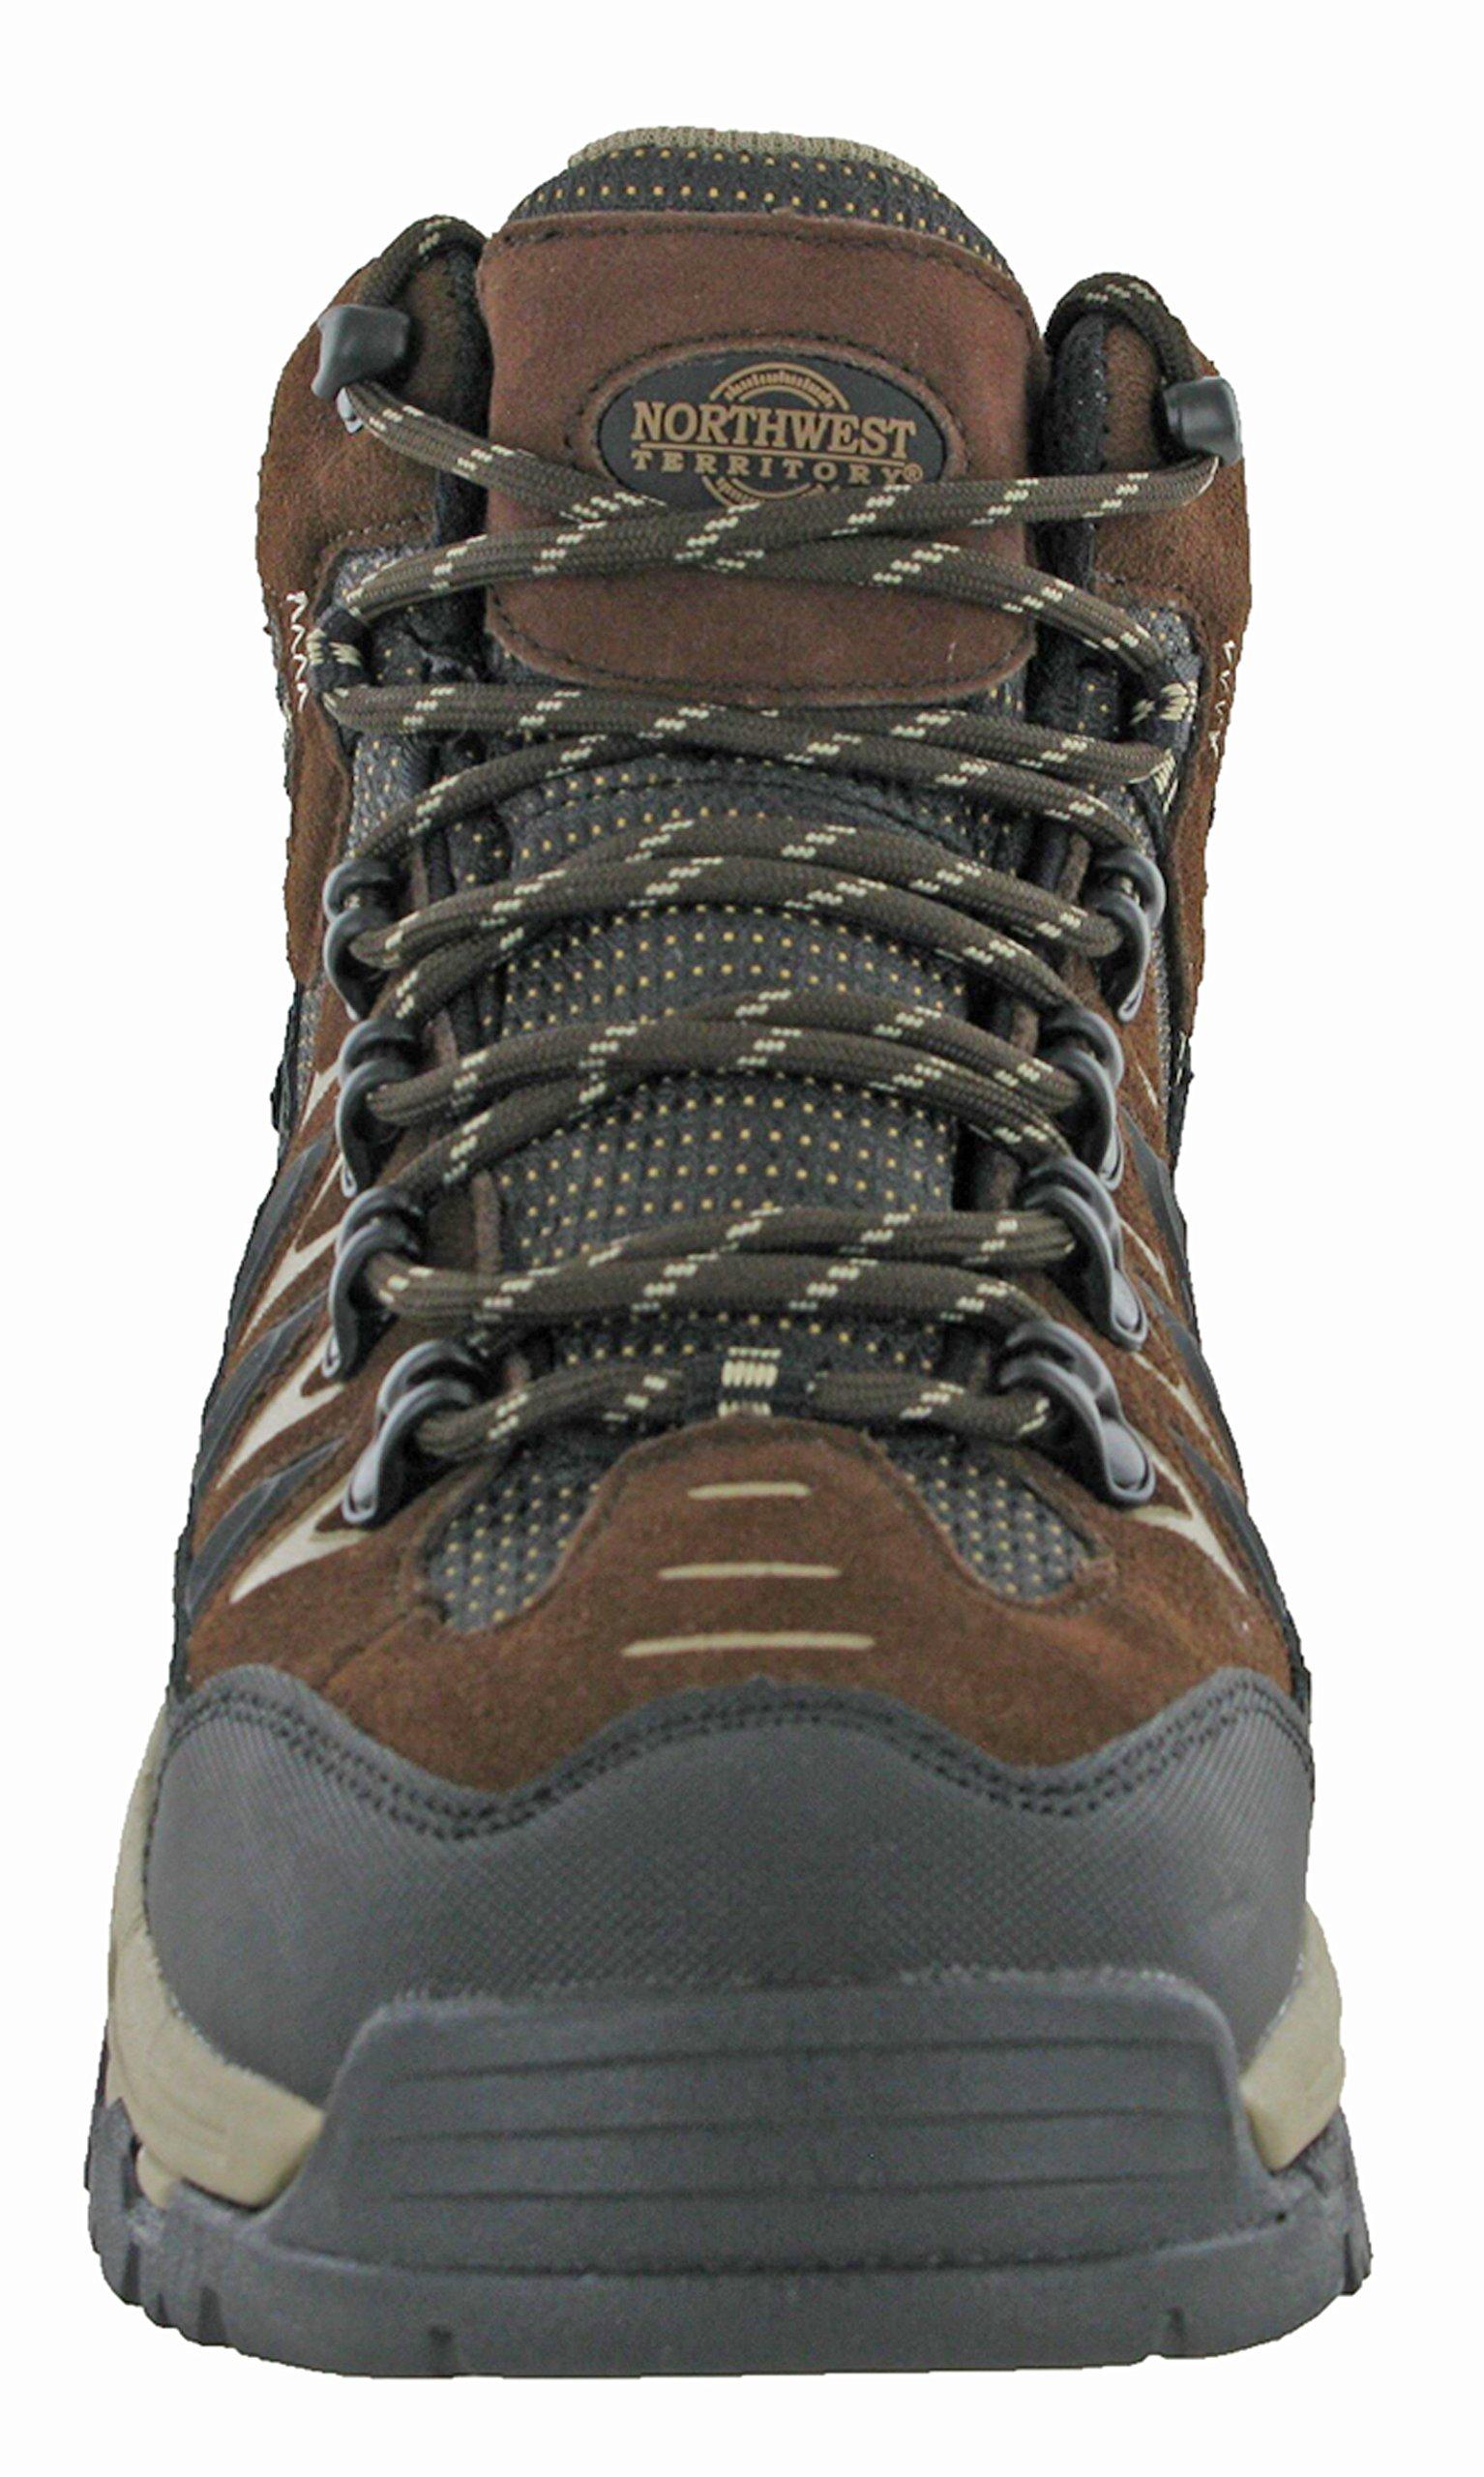 Northwest Mens Piers Hi Cut Brown/Beige Ankle Walking Boots 2